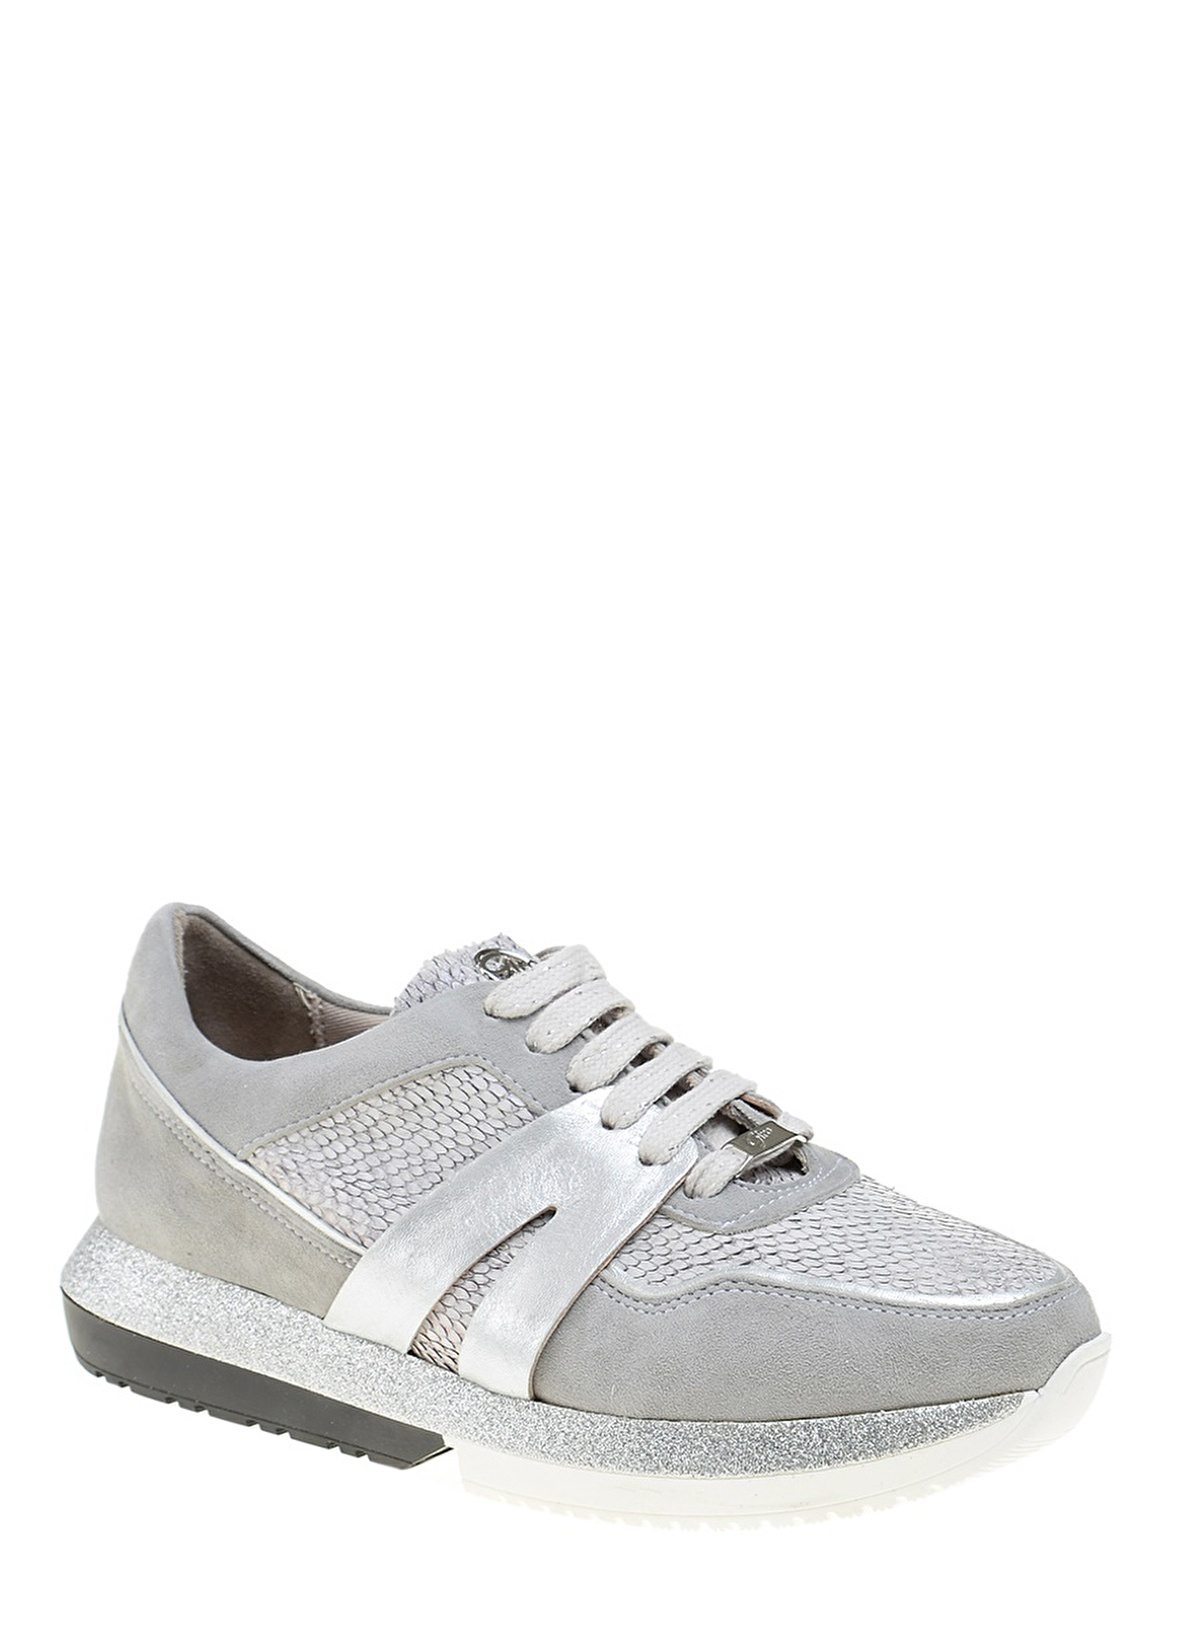 Divarese Lifestyle Ayakkabı 5019828 K Sneaker – 139.0 TL